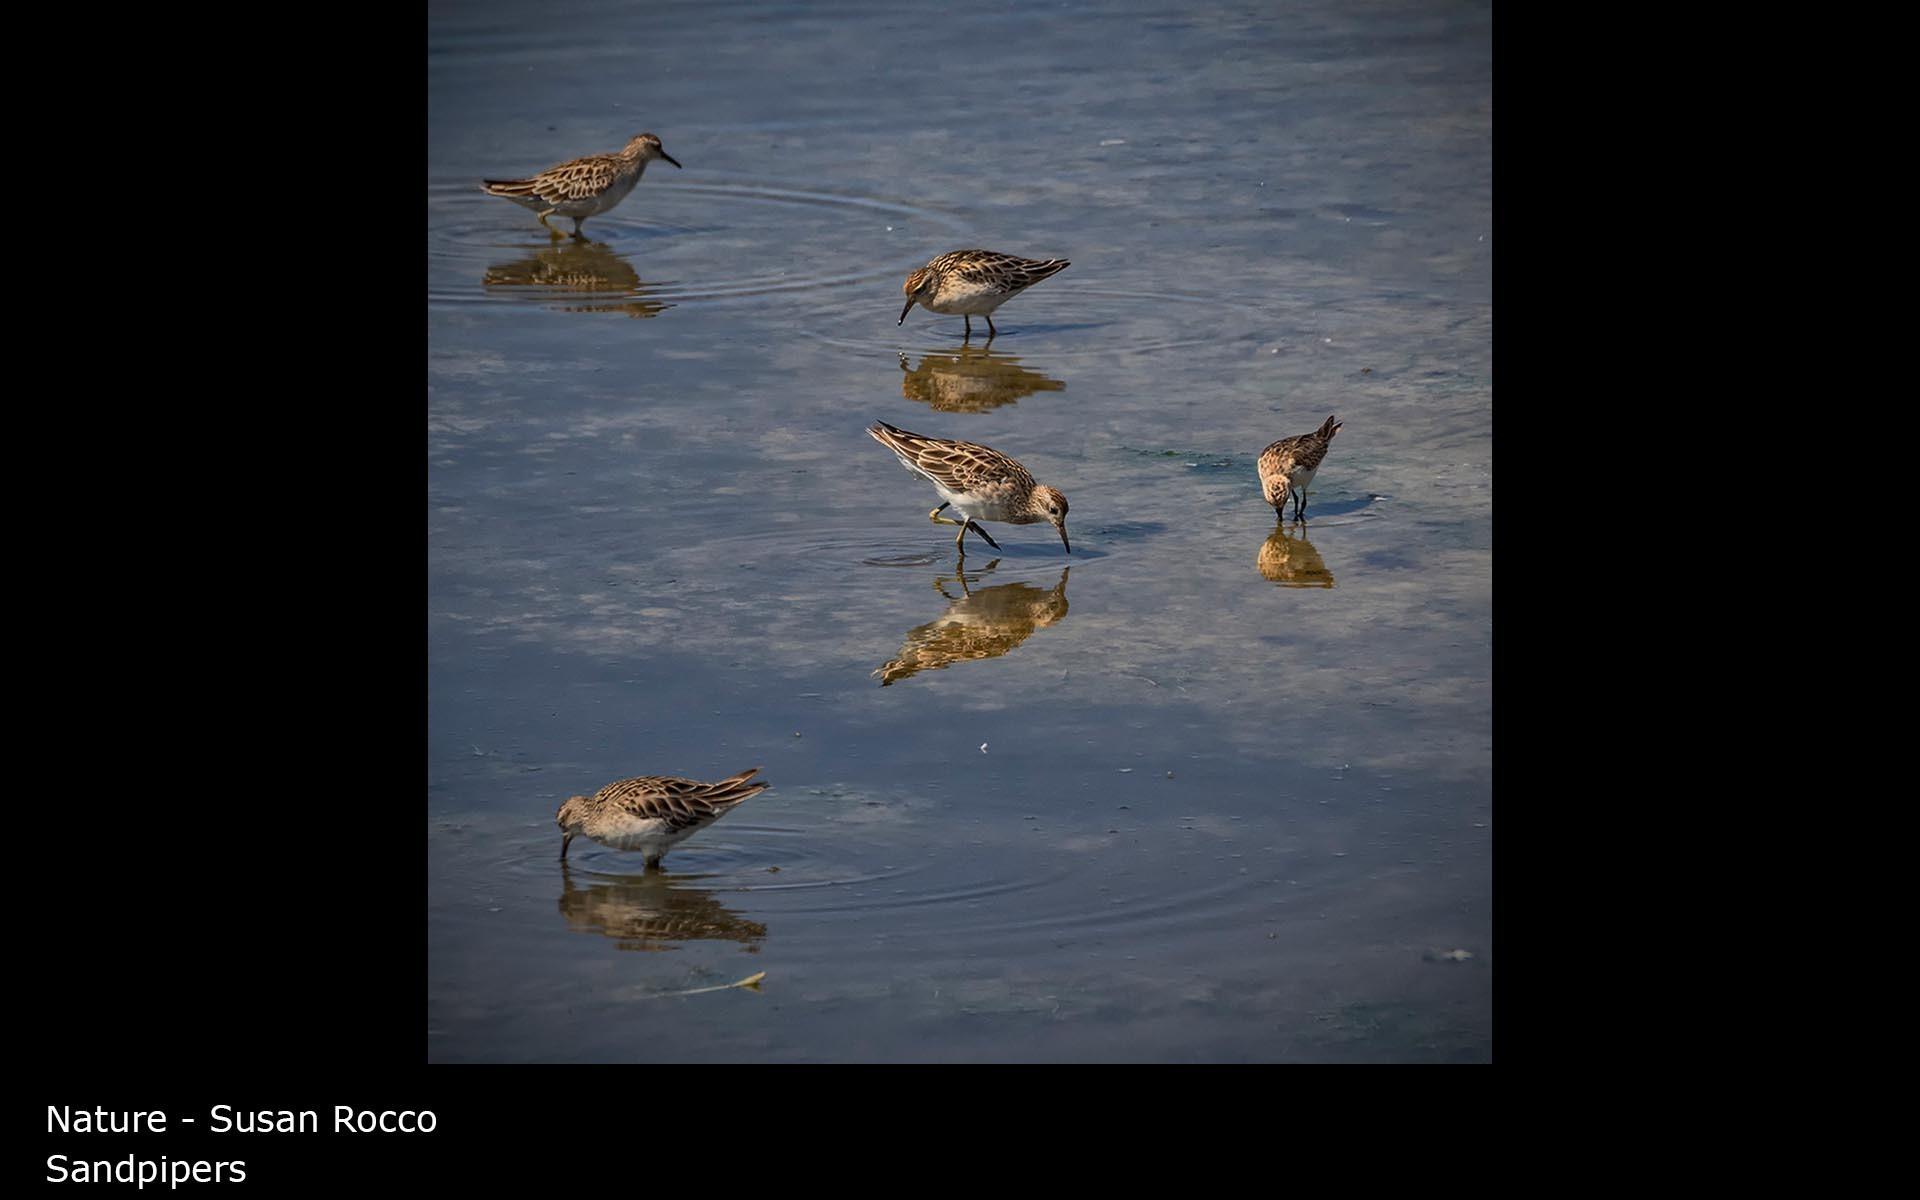 Sandpipers - Susan Rocco